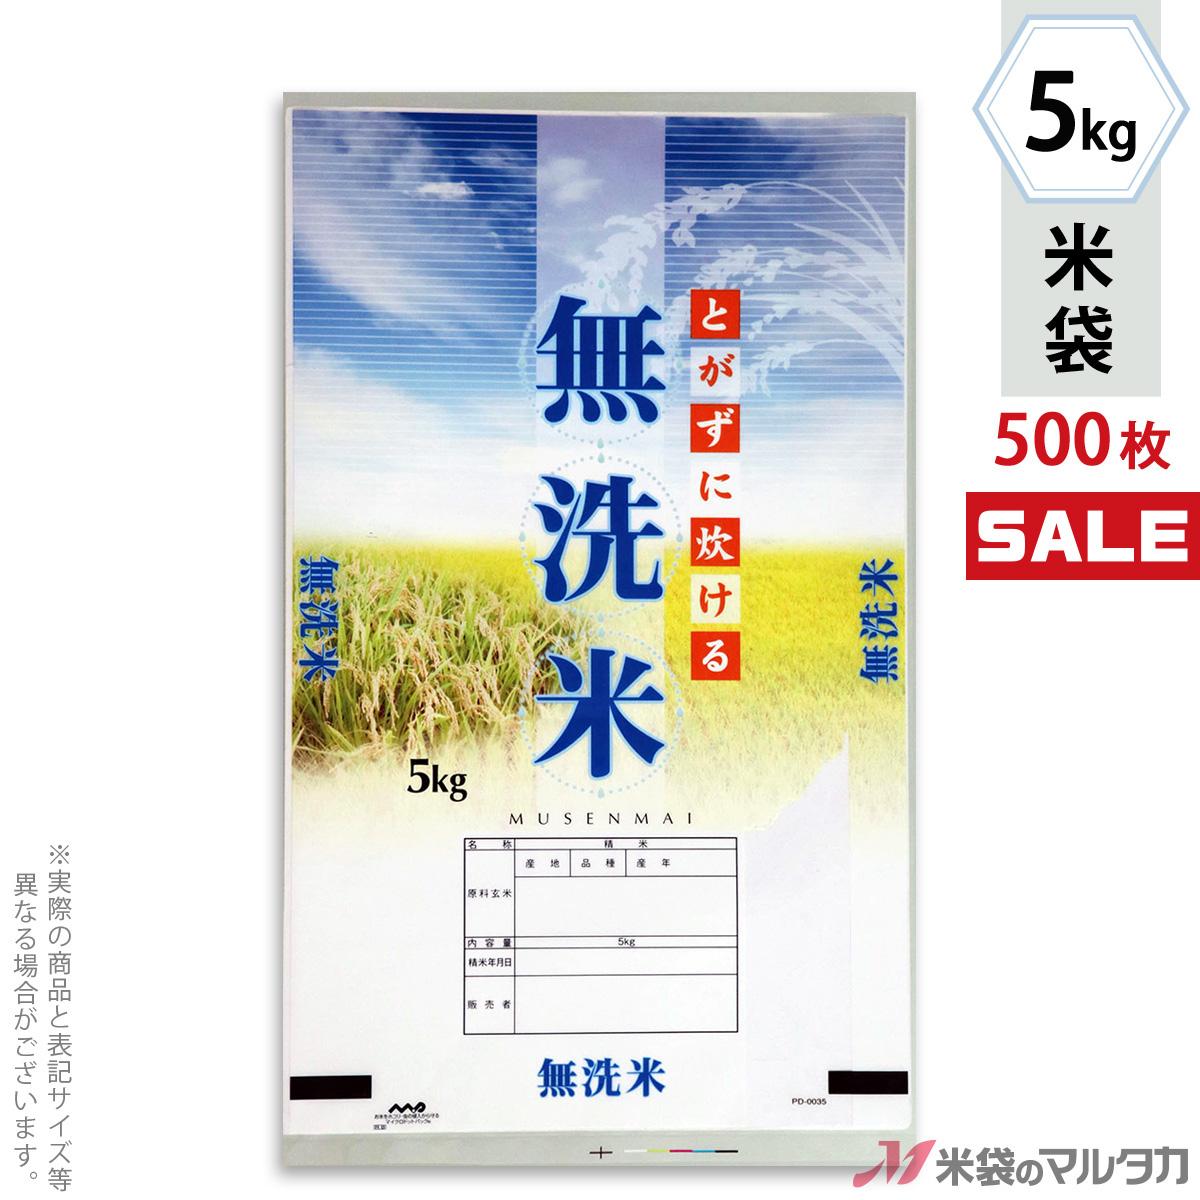 <キャンペーン対応>米袋 ポリ マイクロドット 無洗米 蒼天 5kg 1ケース(500枚入) PD-0035